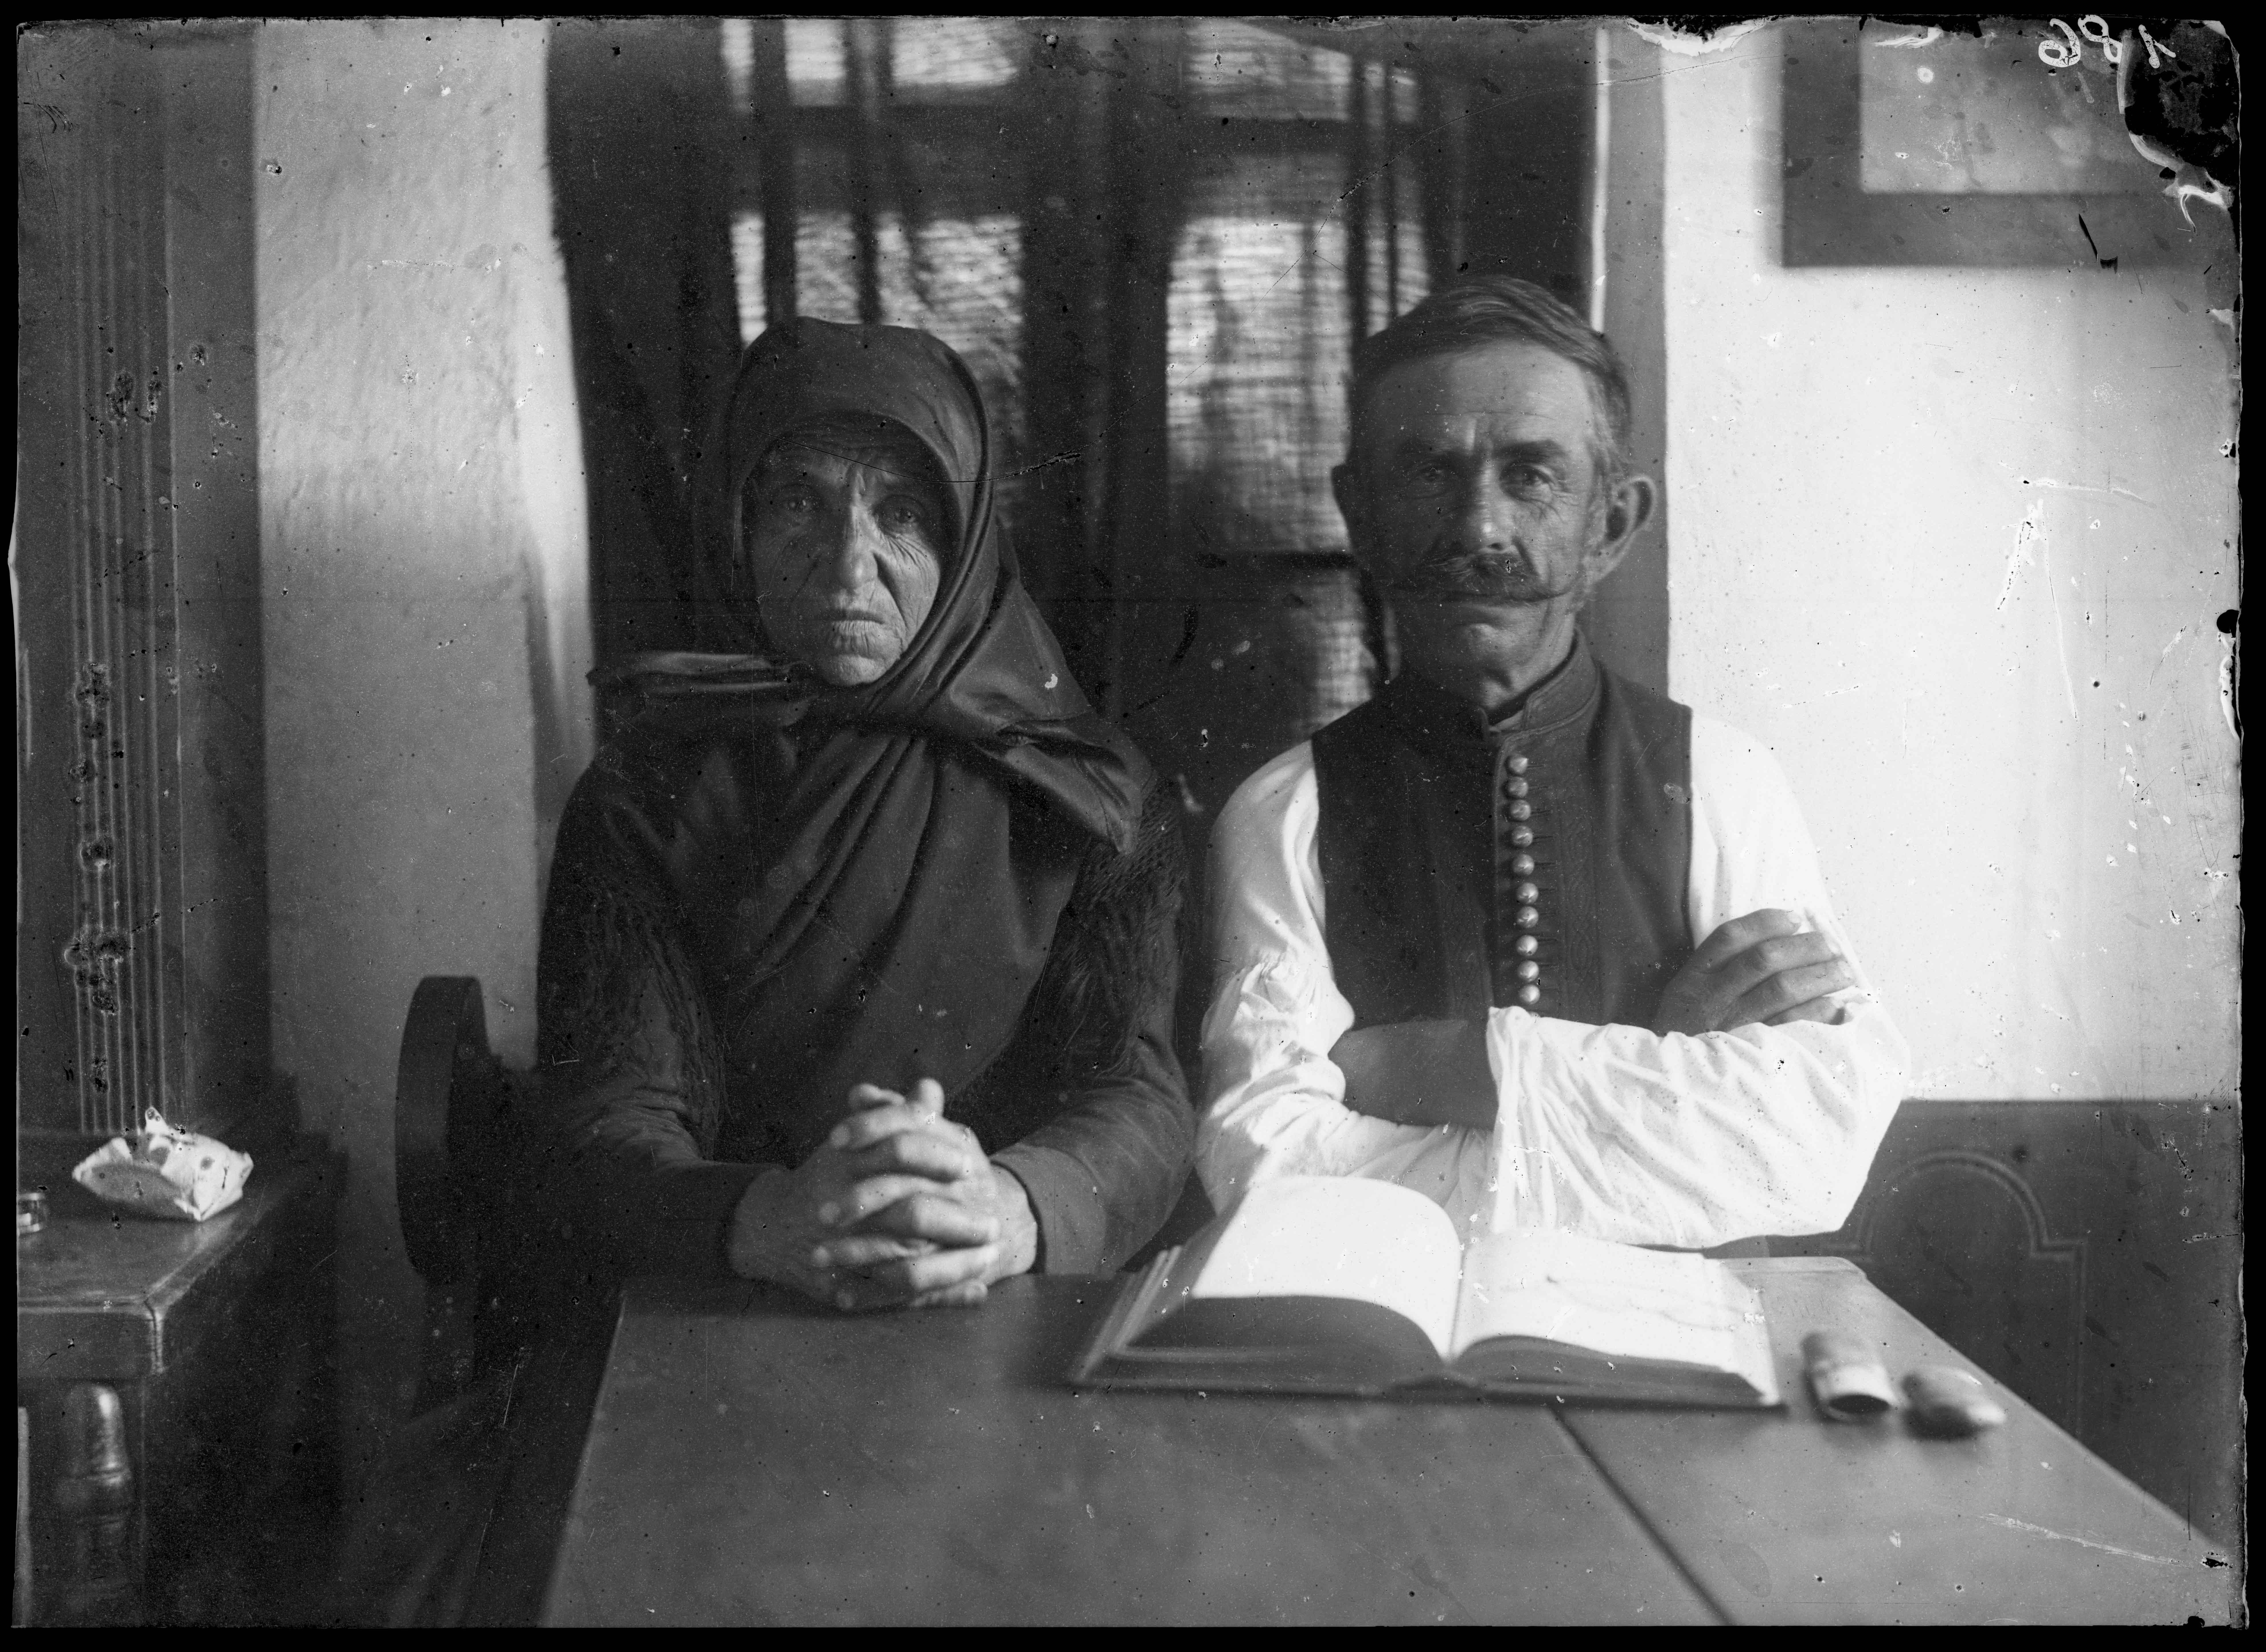 Fotó: Plohn József: Tornyai János édesanyja és egy idős férfi asztal mögött ül, előttük Biblia. © Tornyai János Múzeum gyűjteménye, Hódmezővásárhely